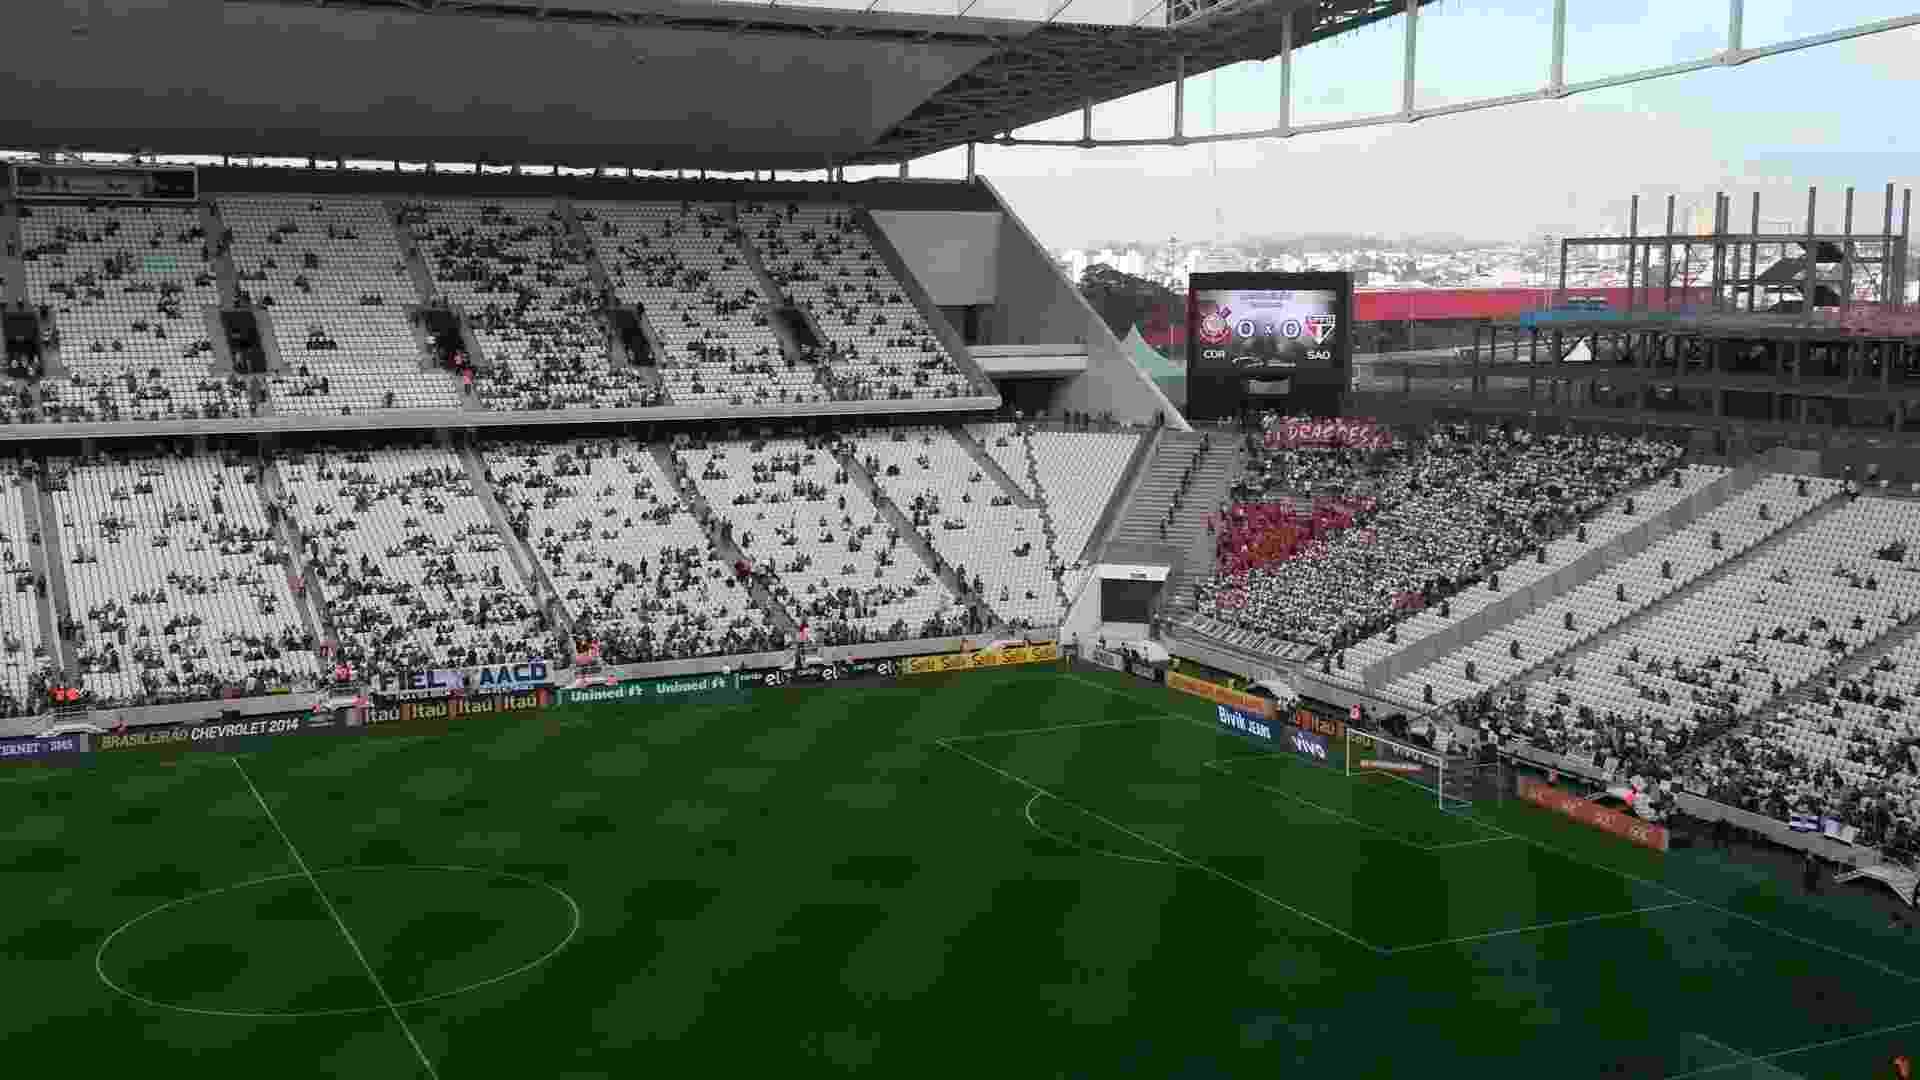 Fotos  Corinthians e São Paulo se enfrentam no Itaquerão - 21 09 ... 919526734ad20